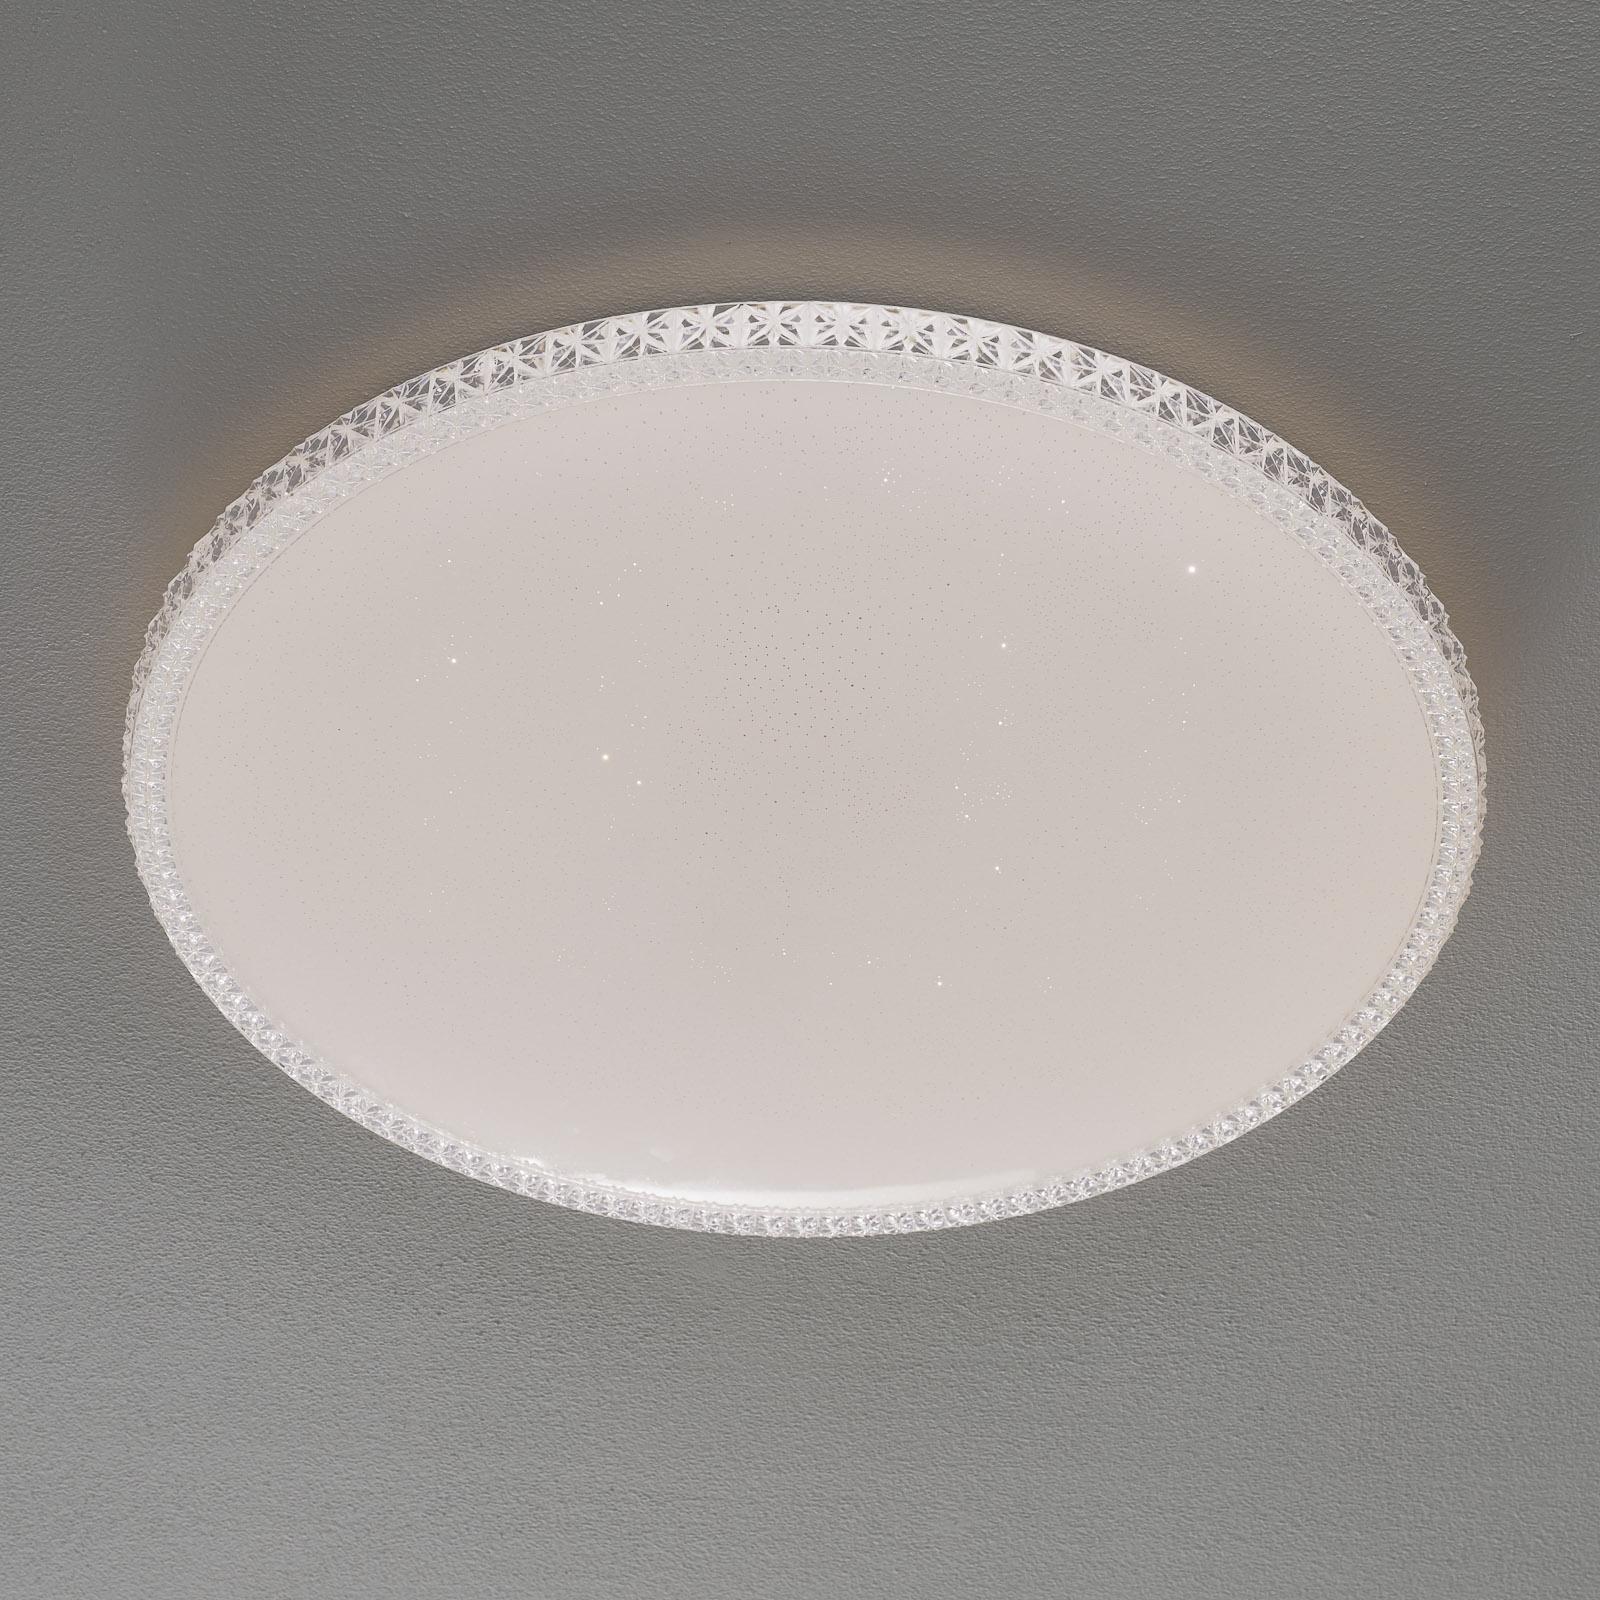 LED-Deckenleuchte 3386-016 mit Fernbedienung